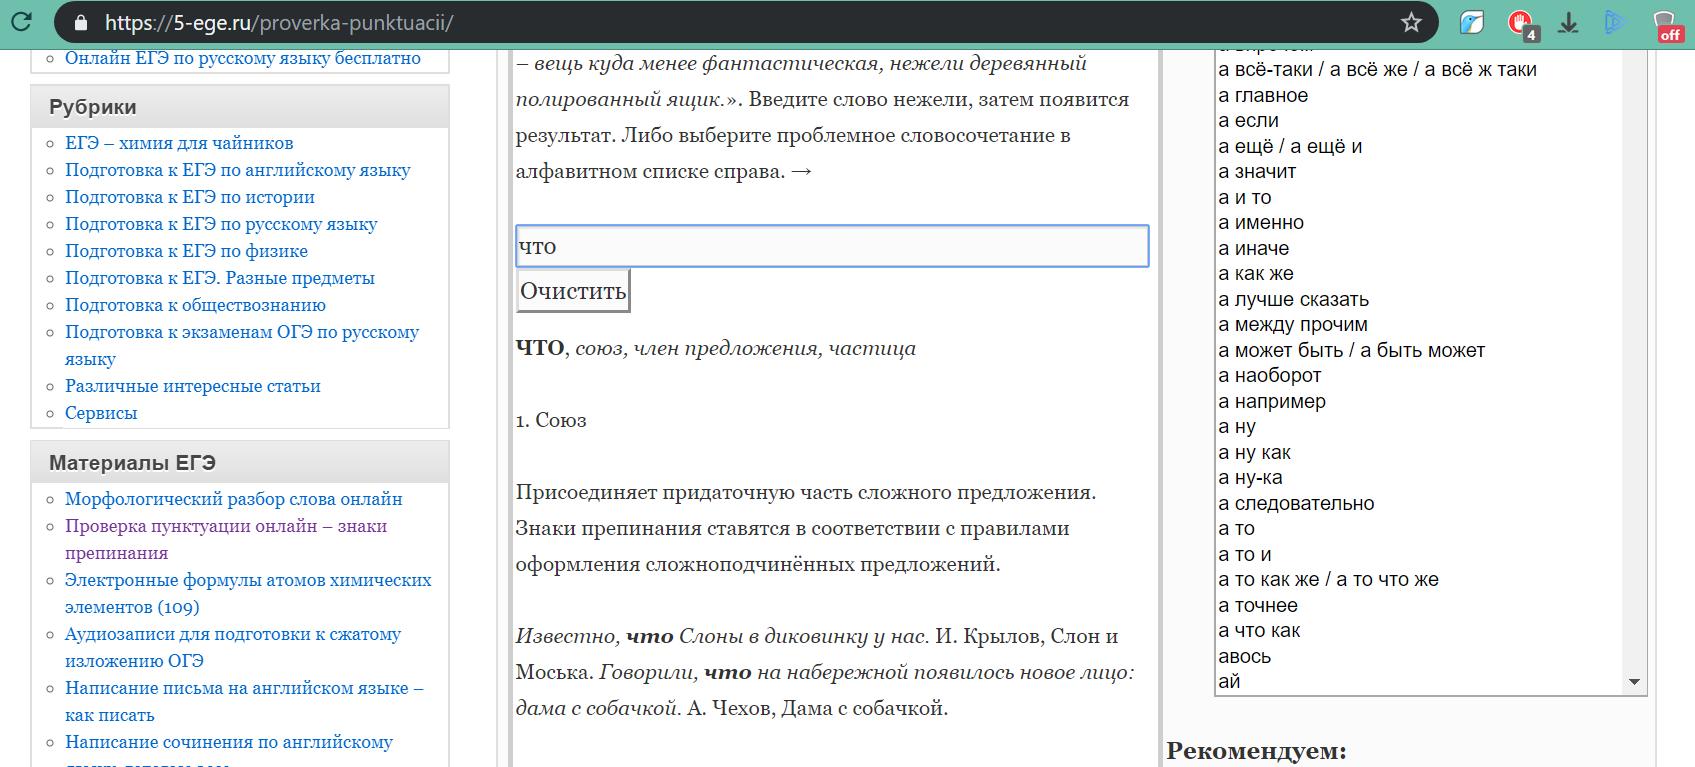 Скрин работы проверки на сайте 5 егэ